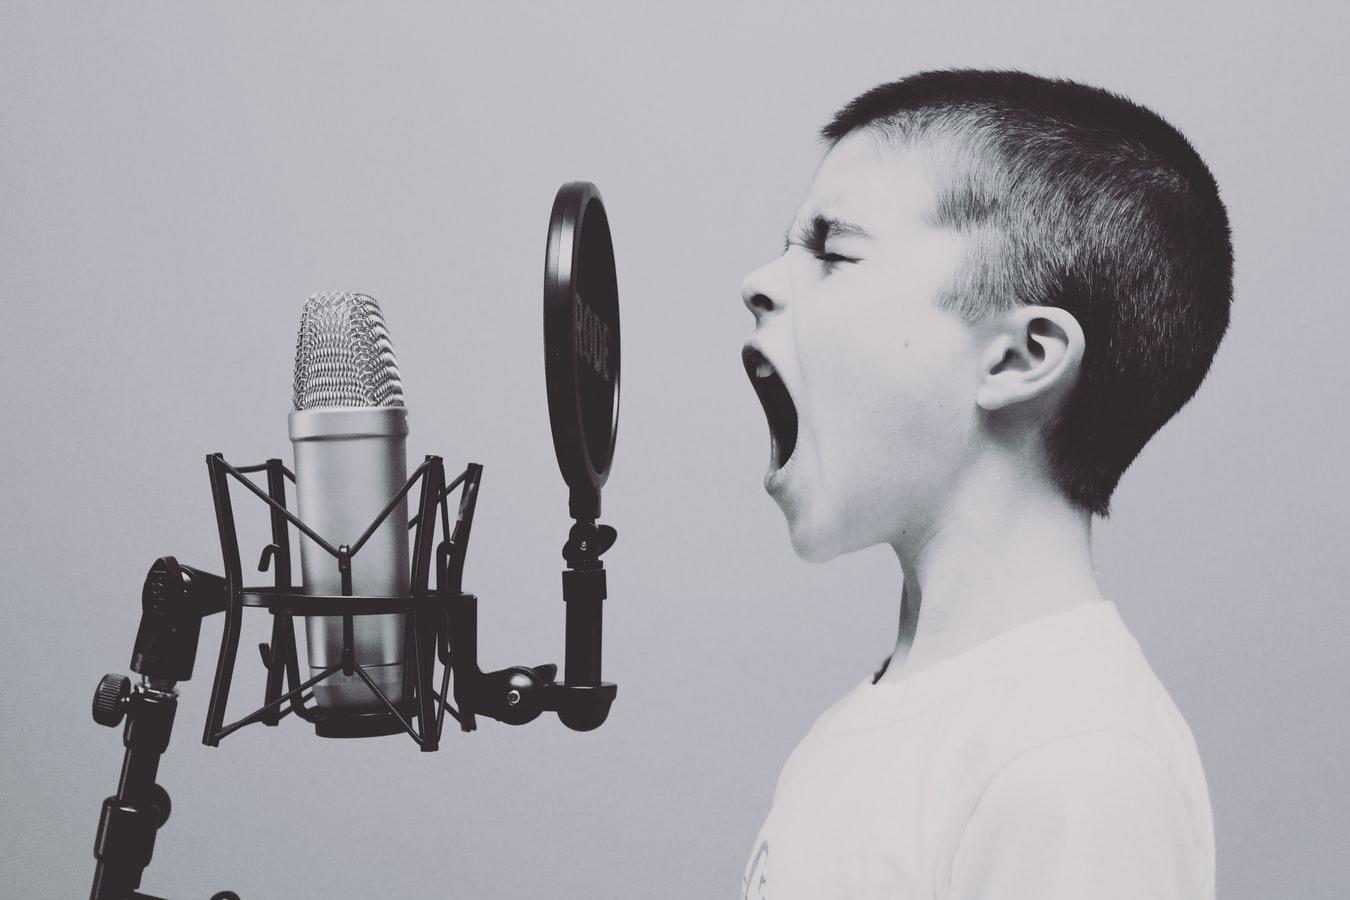 Vocea este o amprentă unică a personalităţii